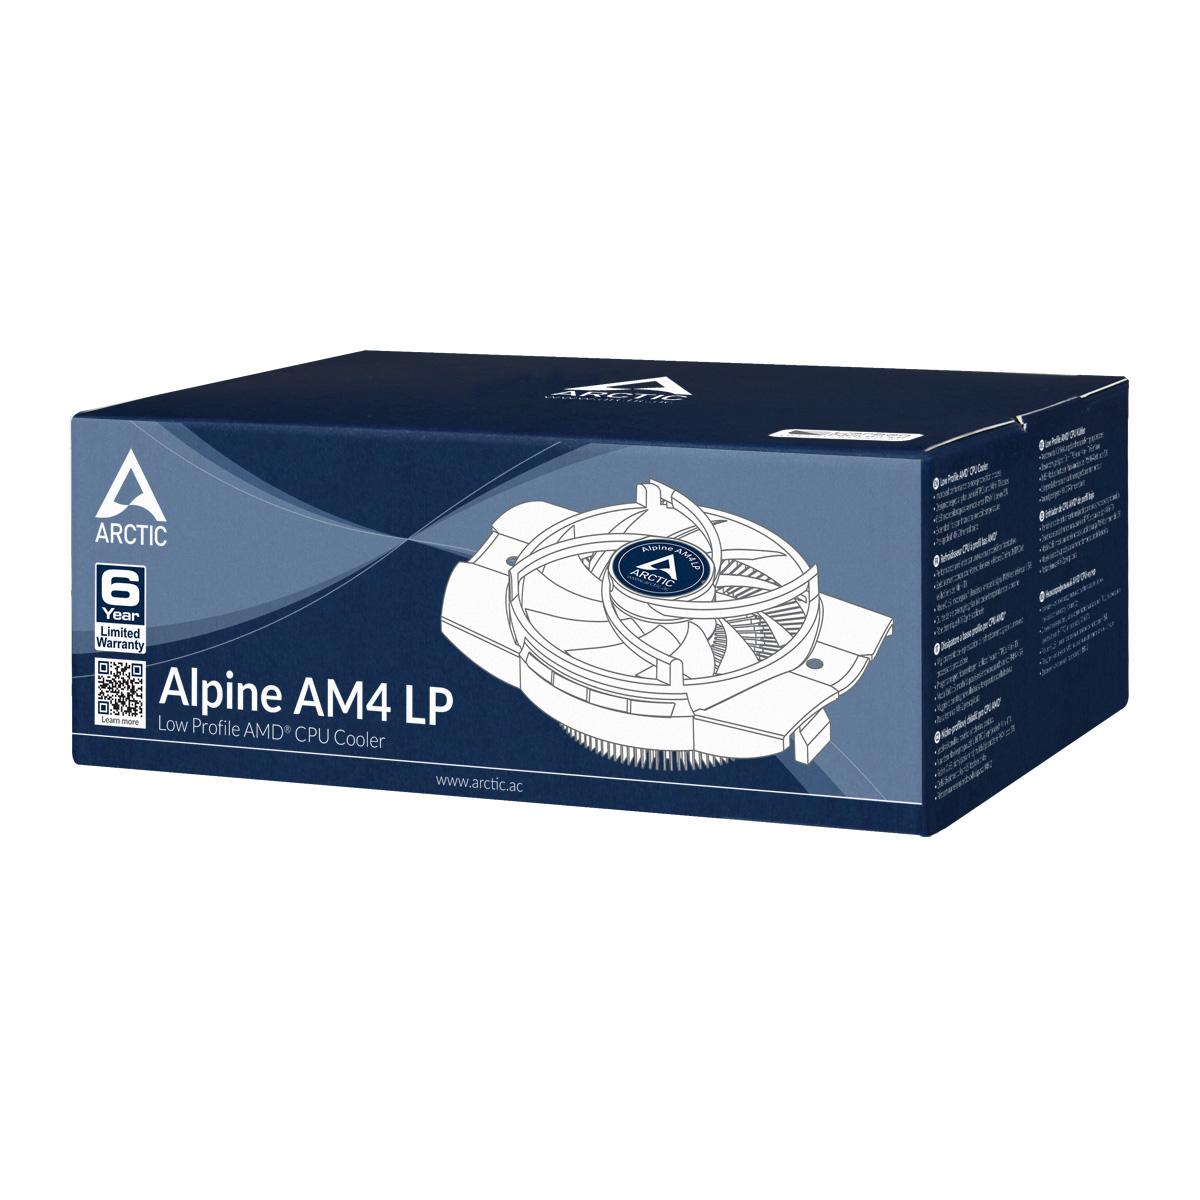 Alpine AM4 LP